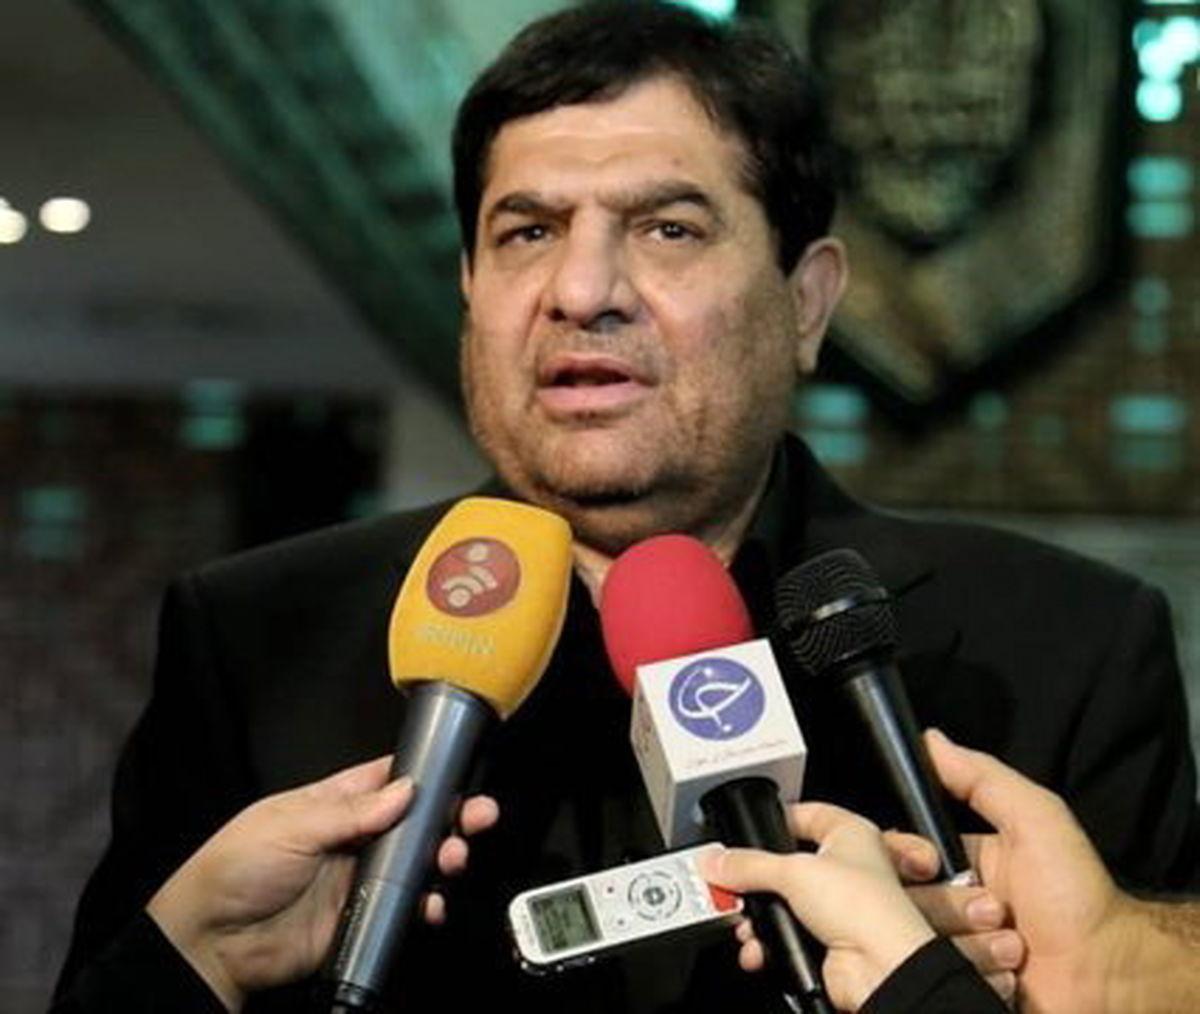 محمد مخبر در کابینه رئیسی حضور دارد؟